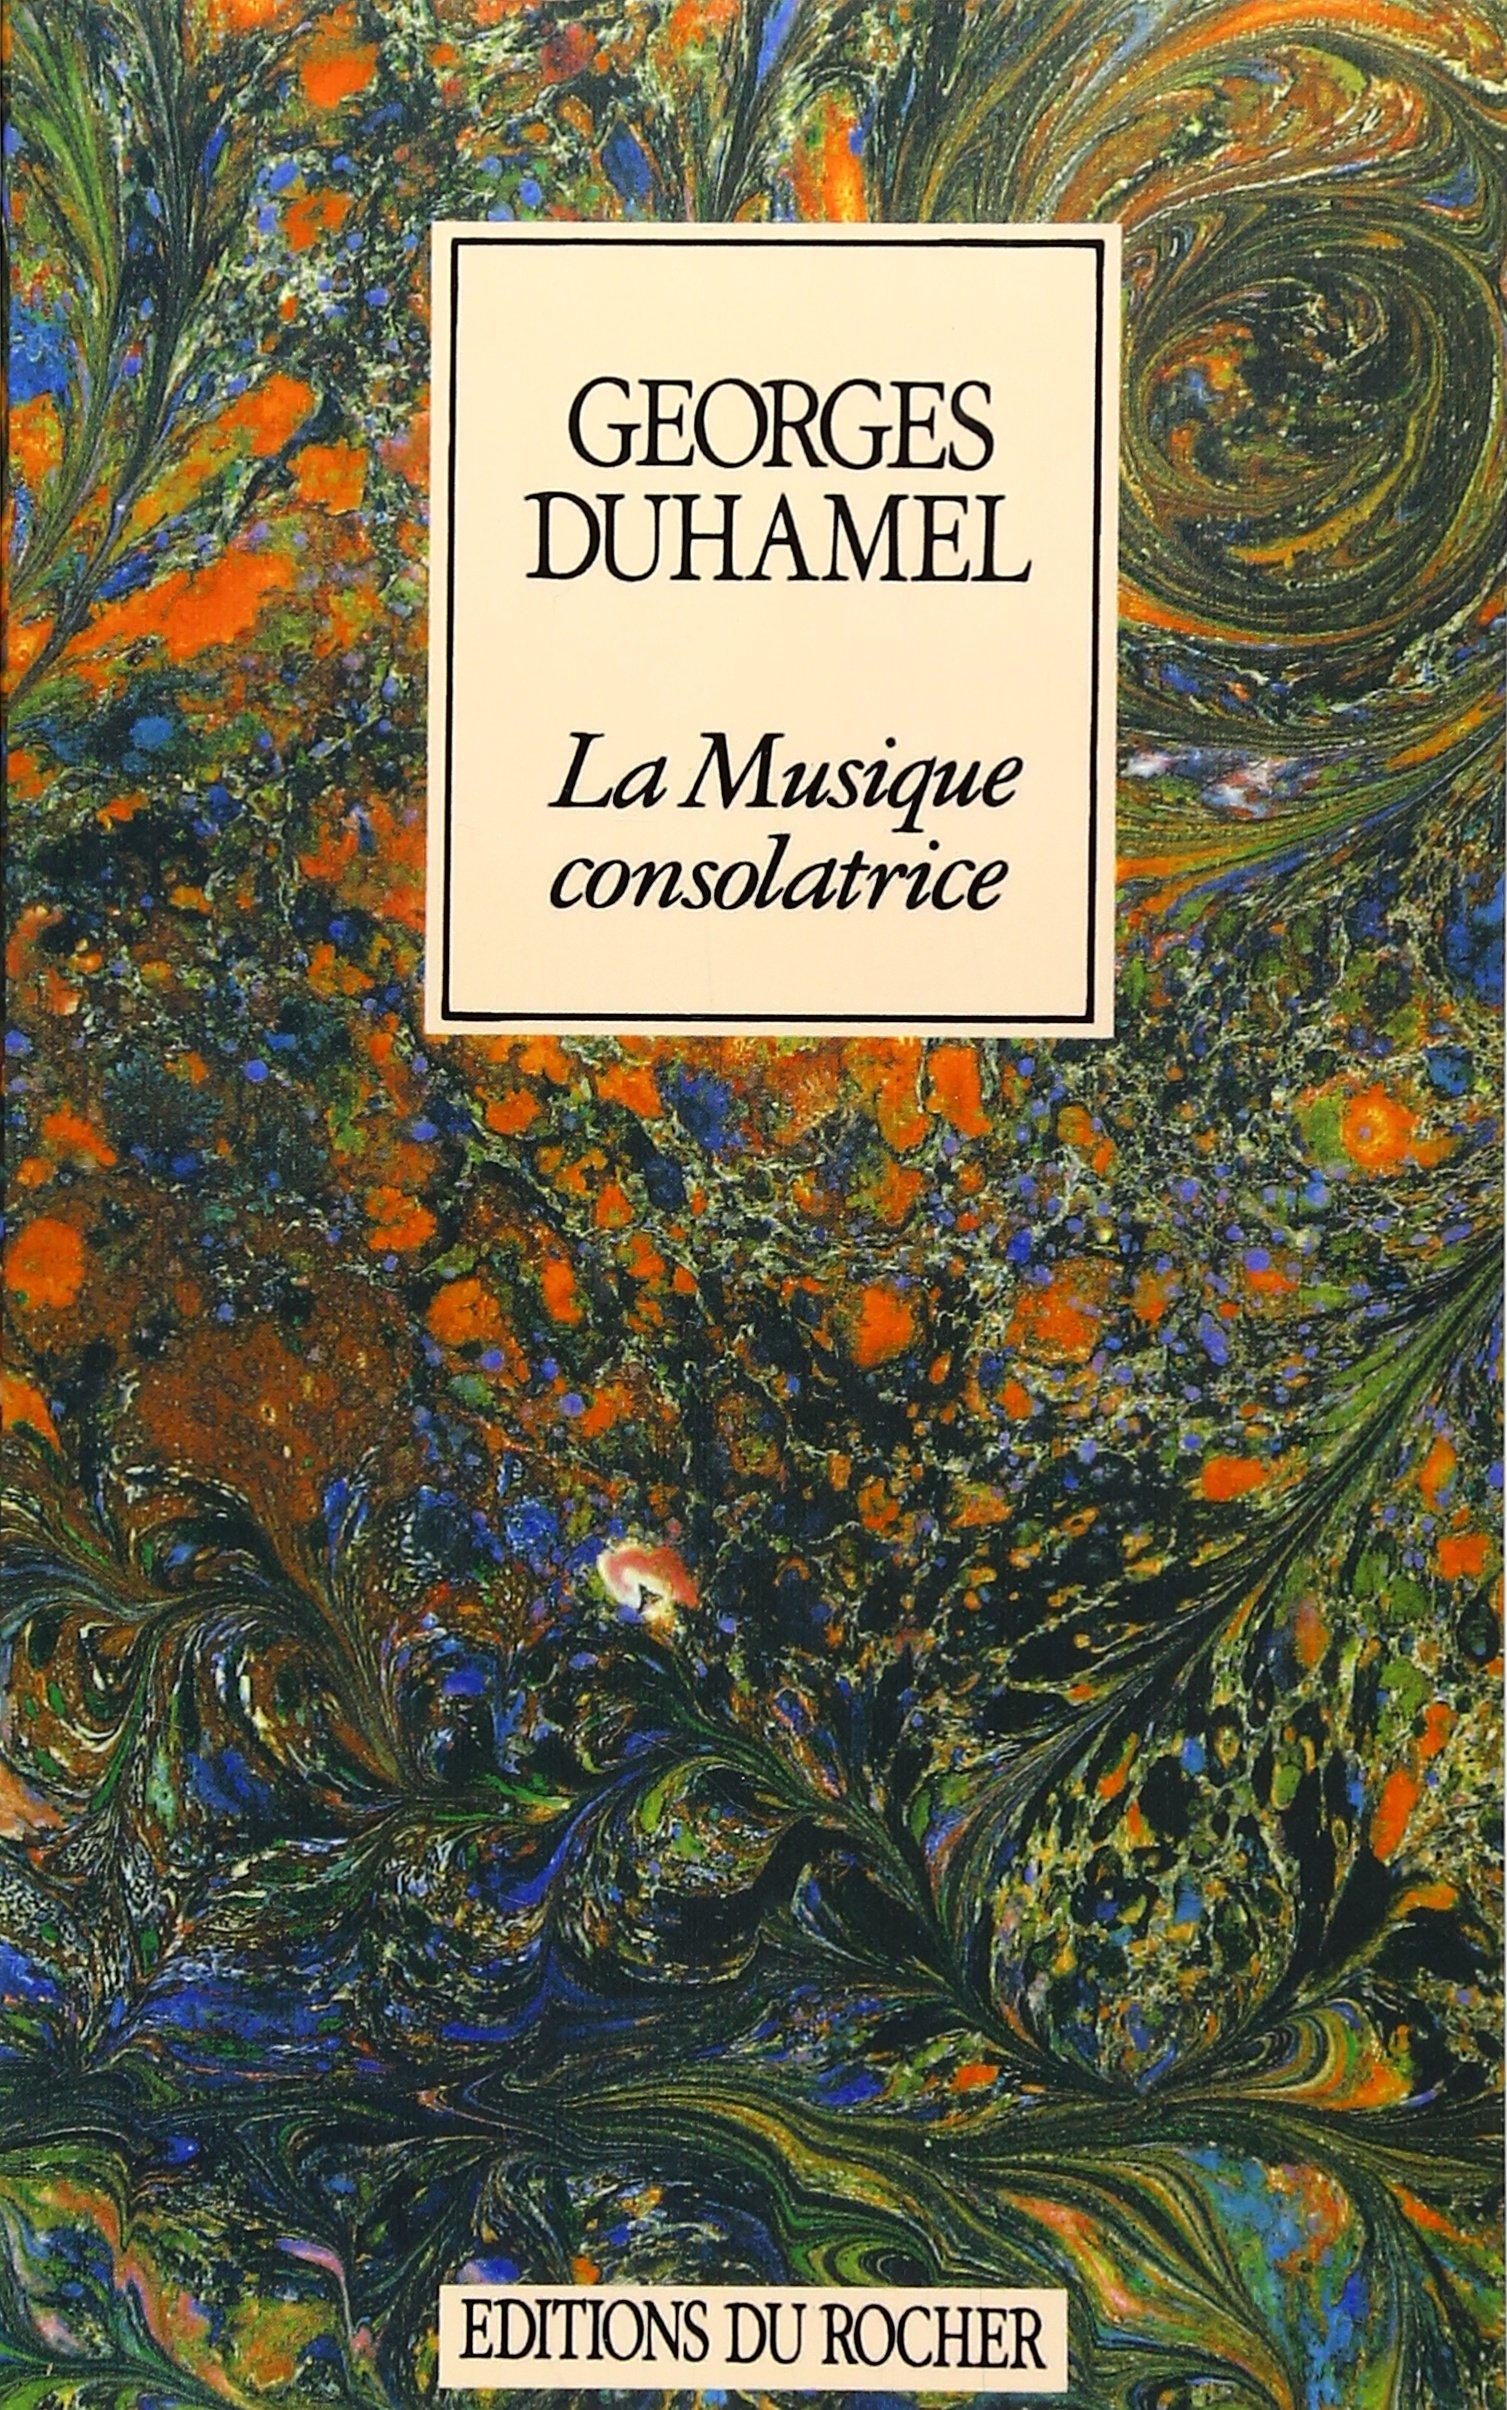 LA Musique Consolatrice Broché – 1 février 1999 Georges Duhamel iUniverse 1583481788 3404428